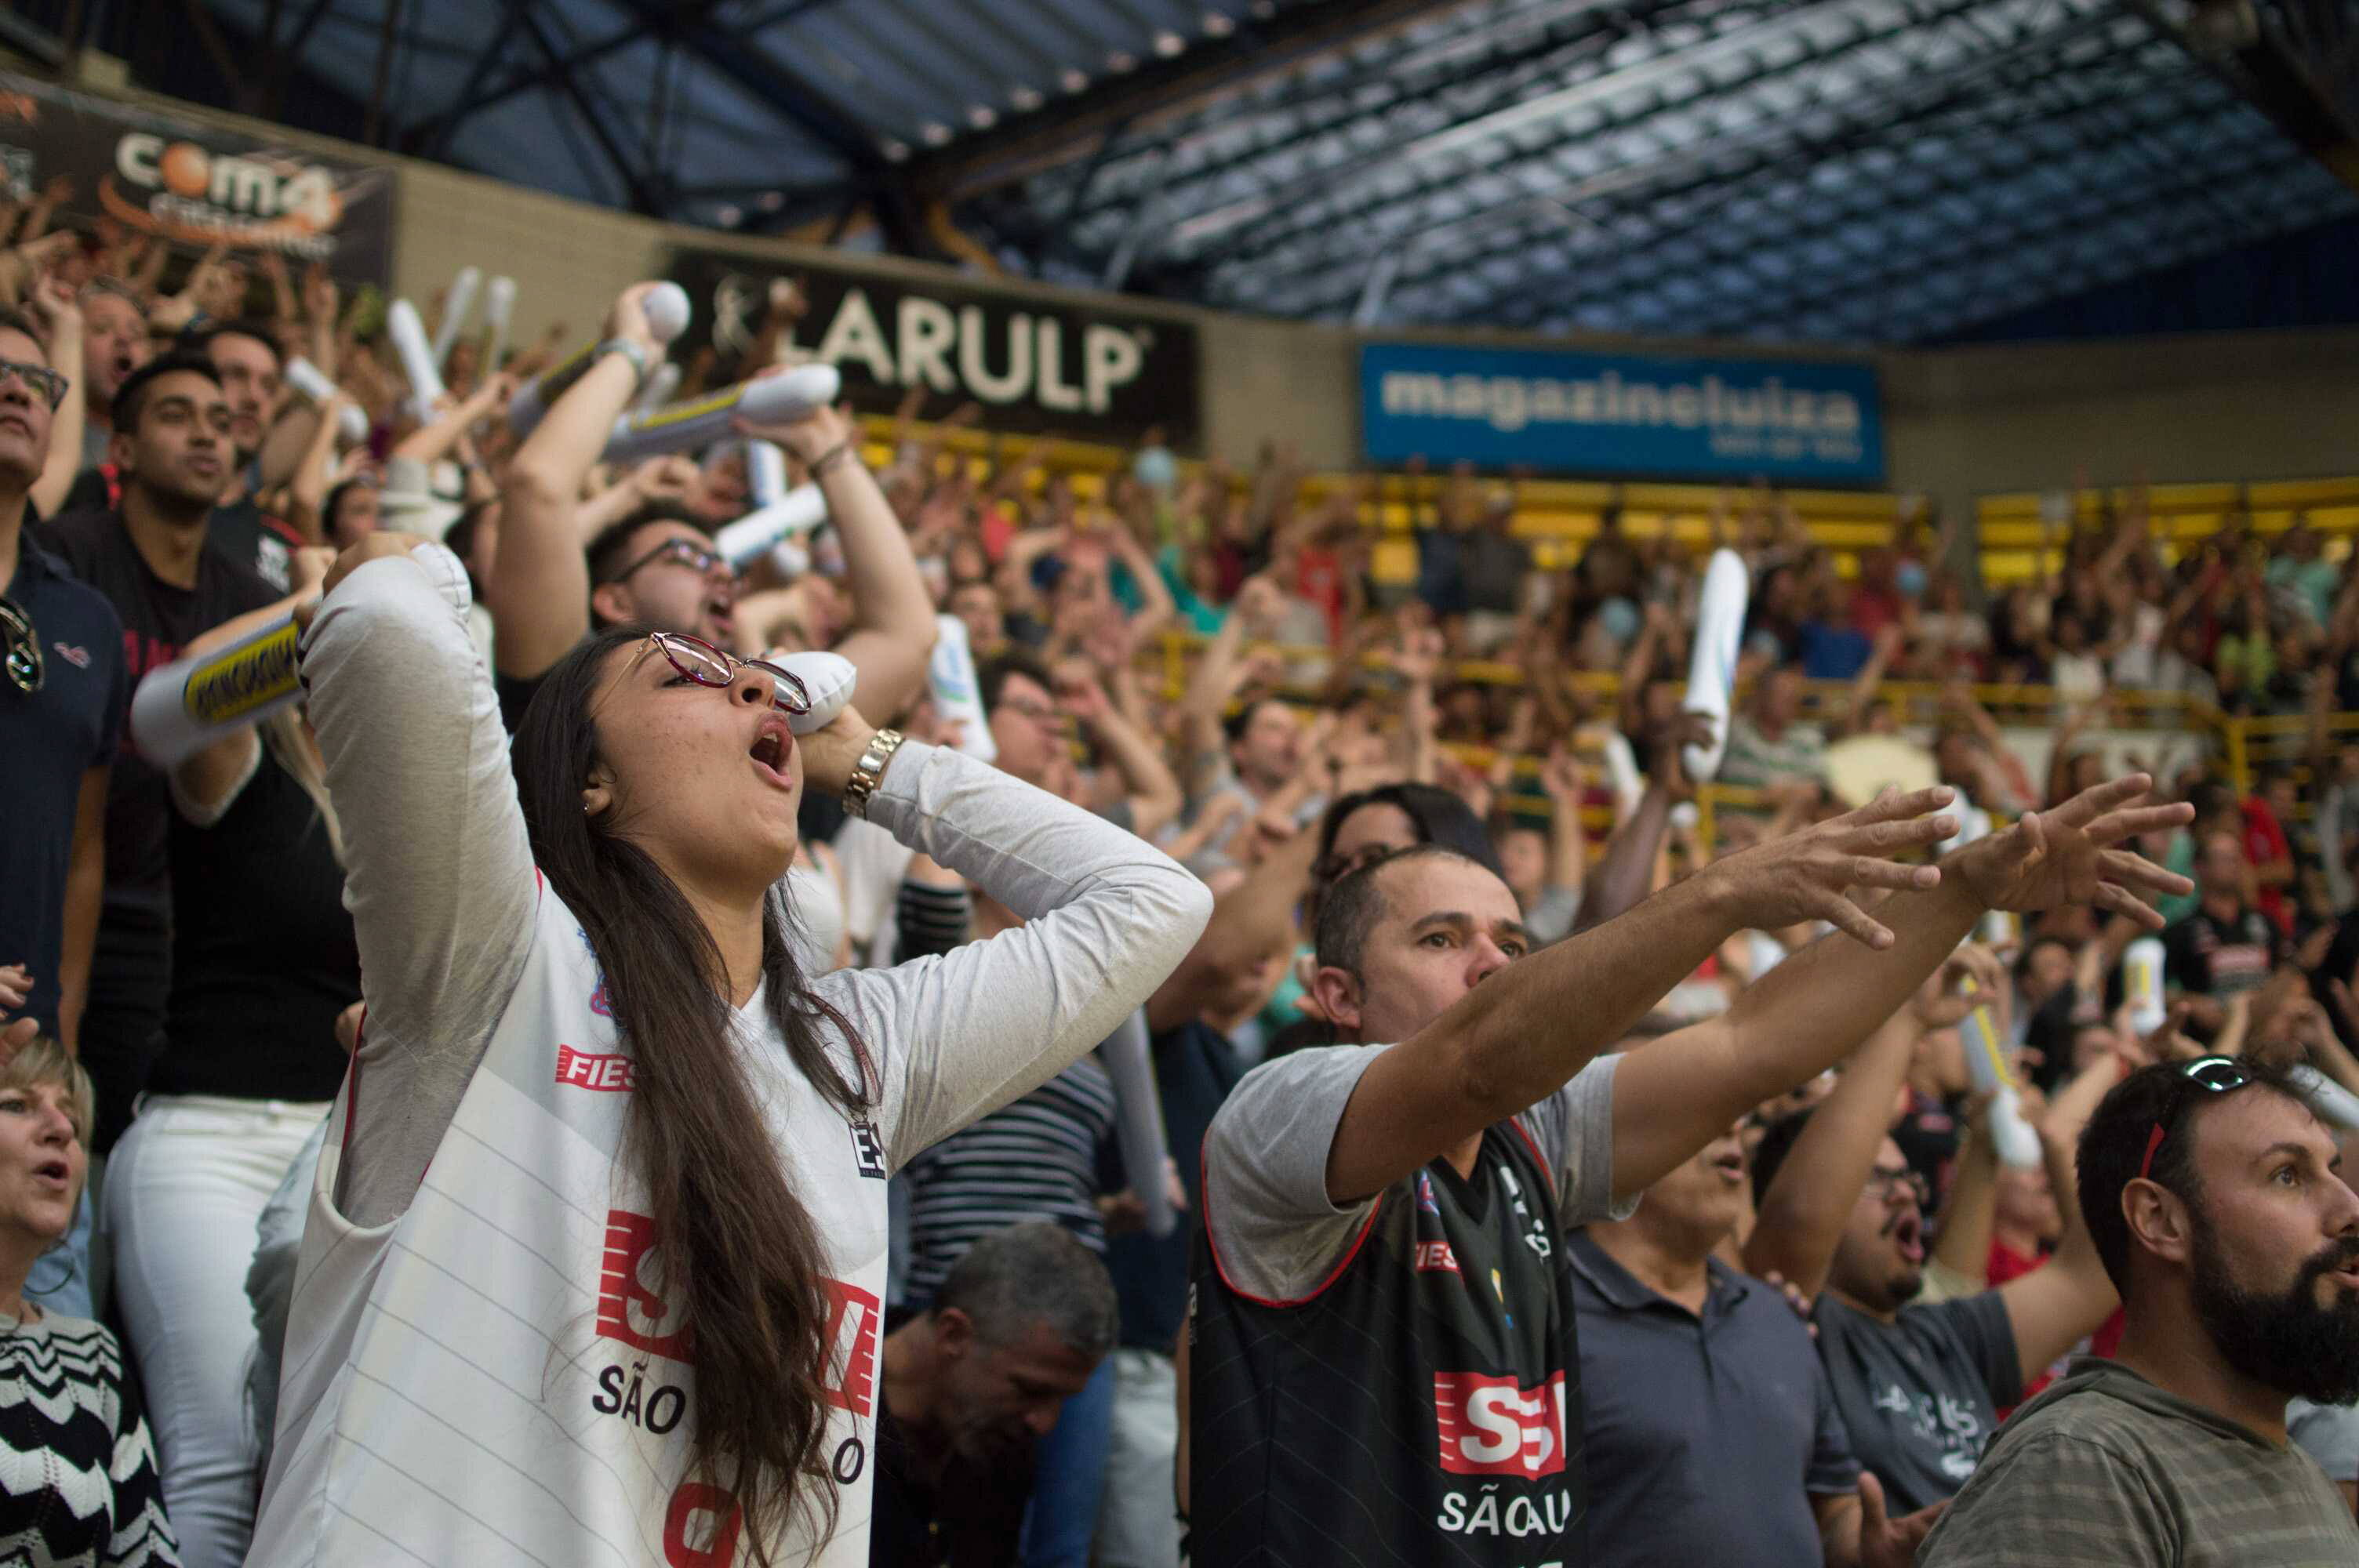 Registros do embate entre Flamengo e Franca. Foto:  Igor do Vale/ Agência O Globo